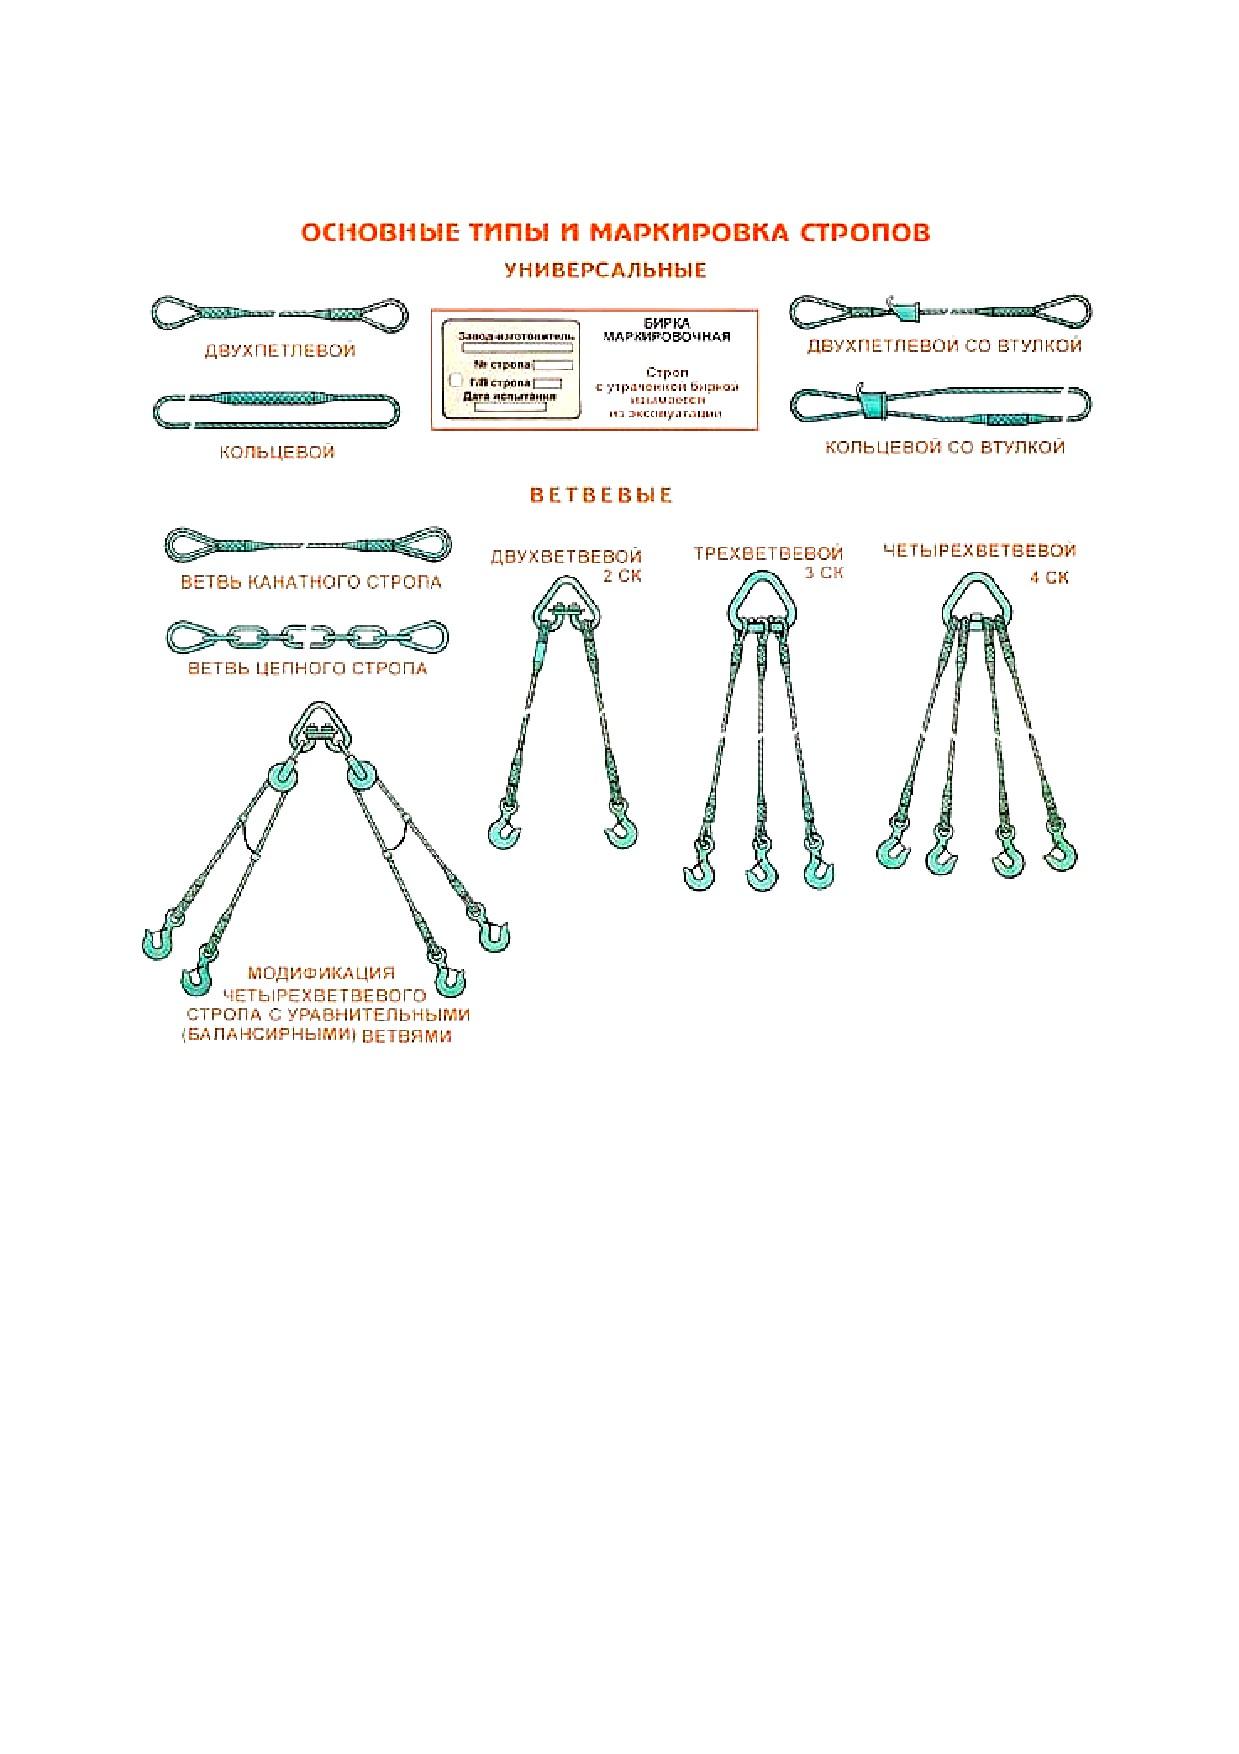 Цепные стропы: нормы браковки, маркировка, виды